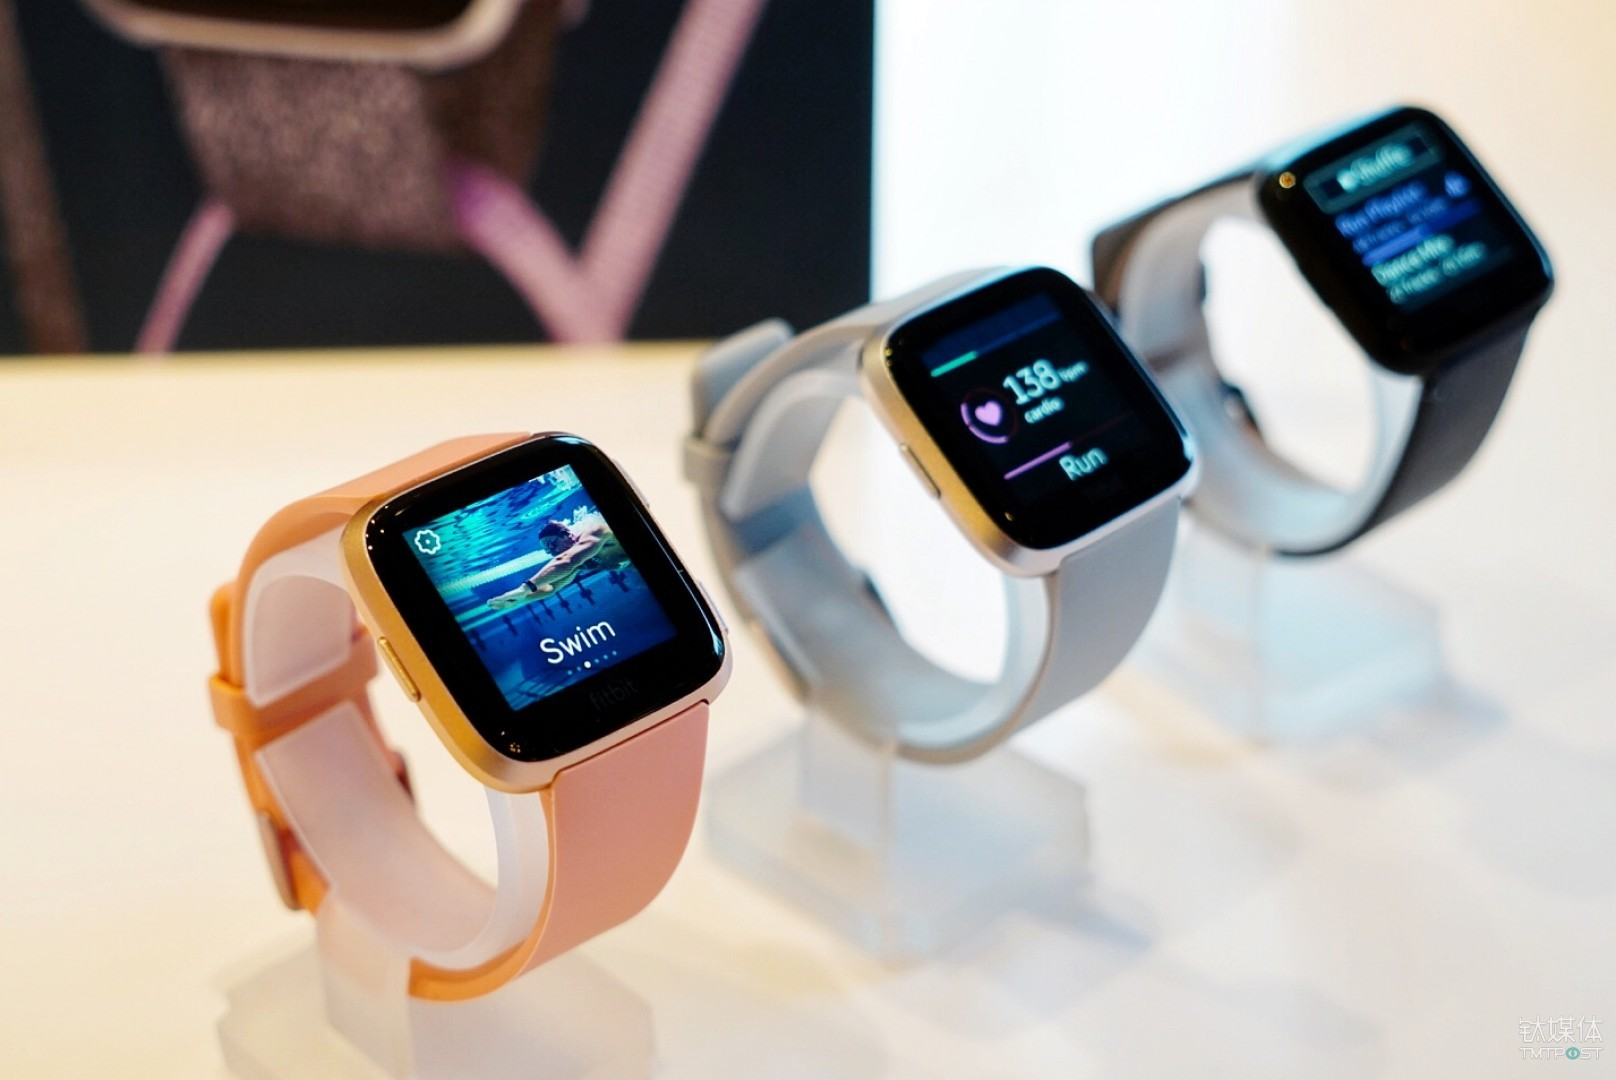 Fitbit智能手表 Versa国内发售:高颜值 售1589元